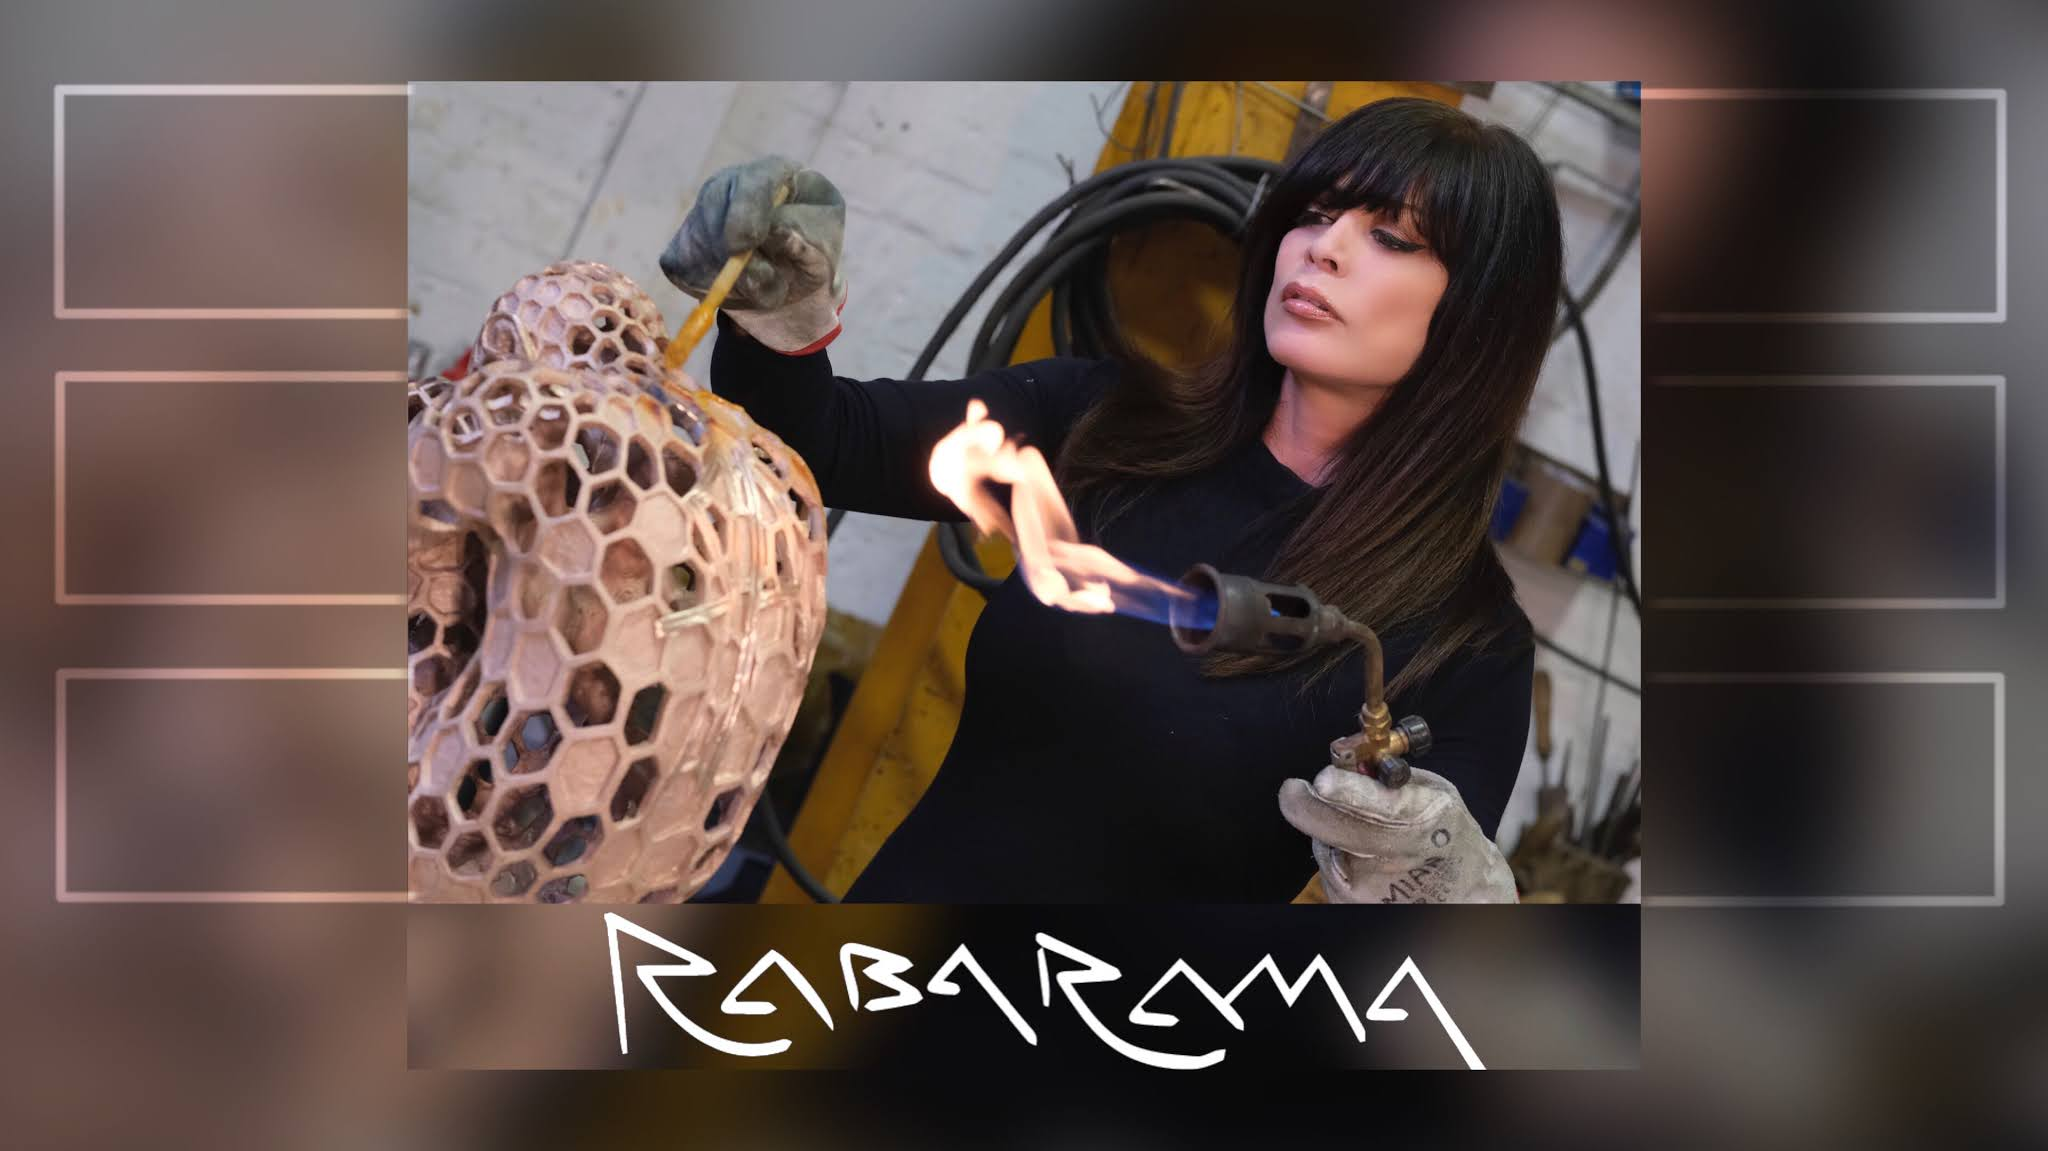 ©Rabarama